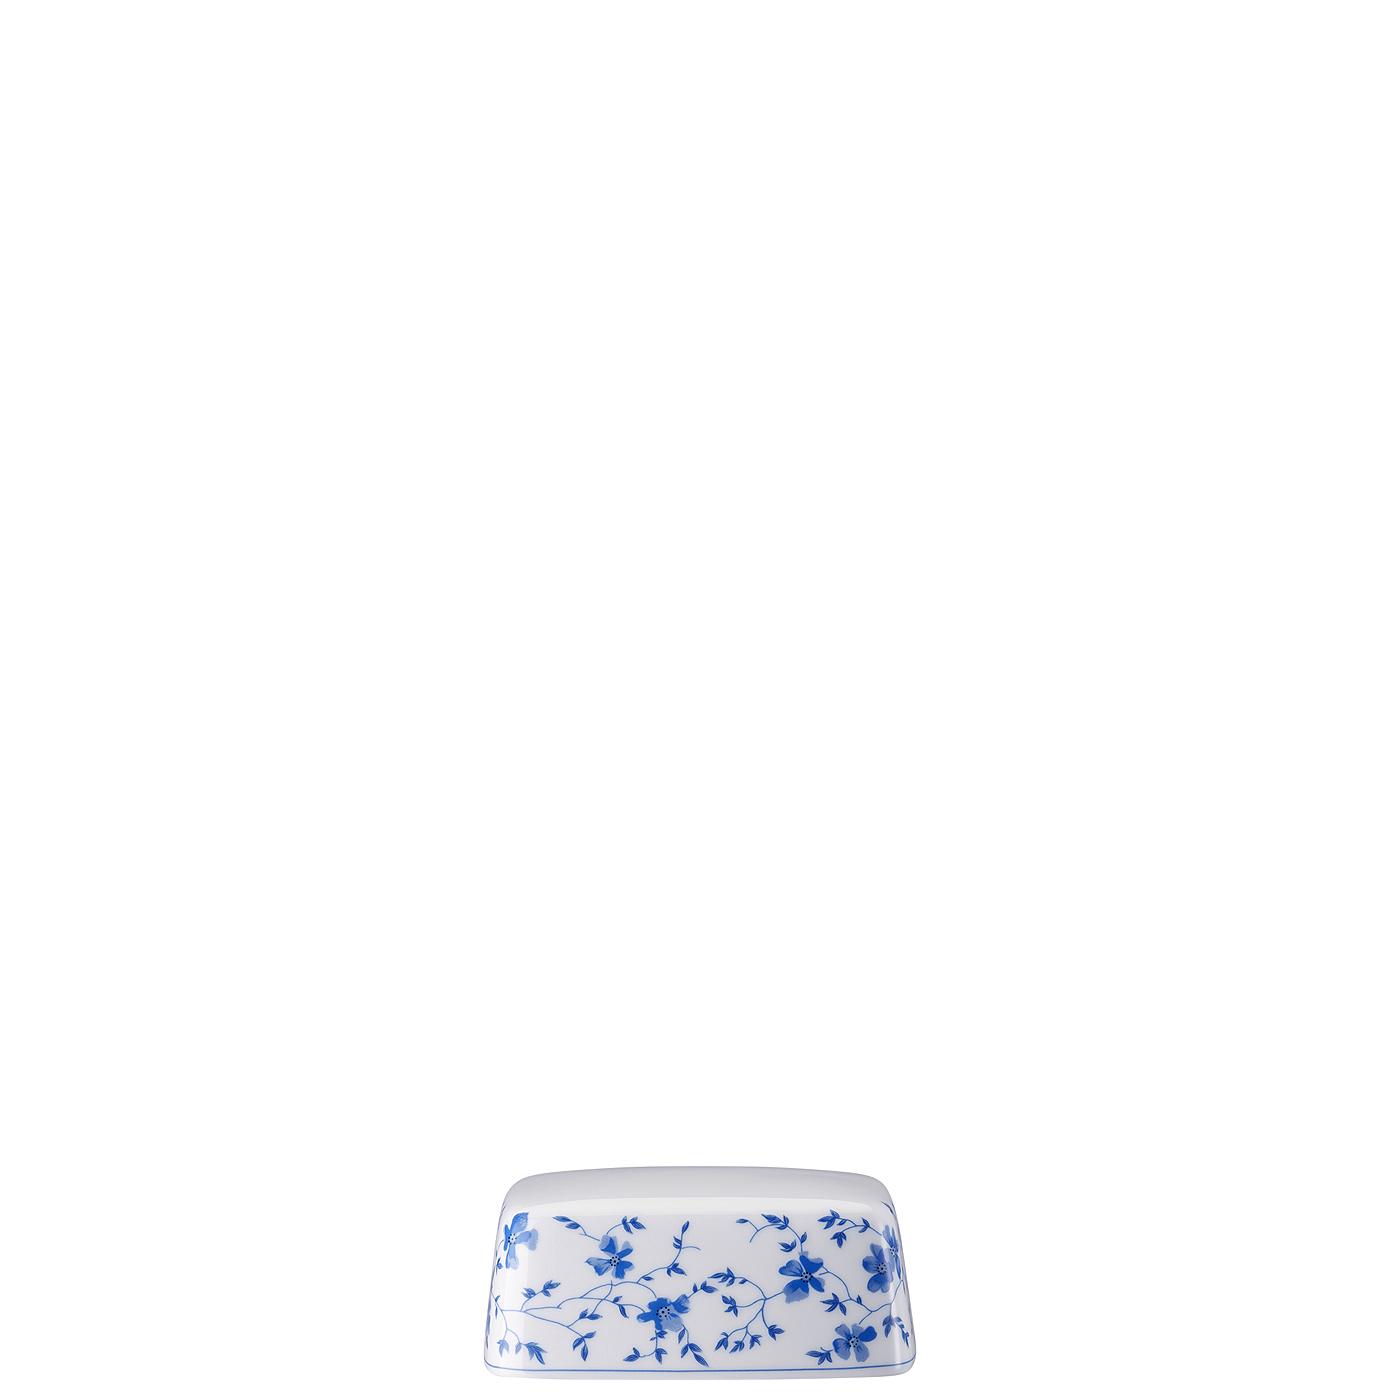 Butterdose klein Deckel Form 1382 Blaublüten Arzberg